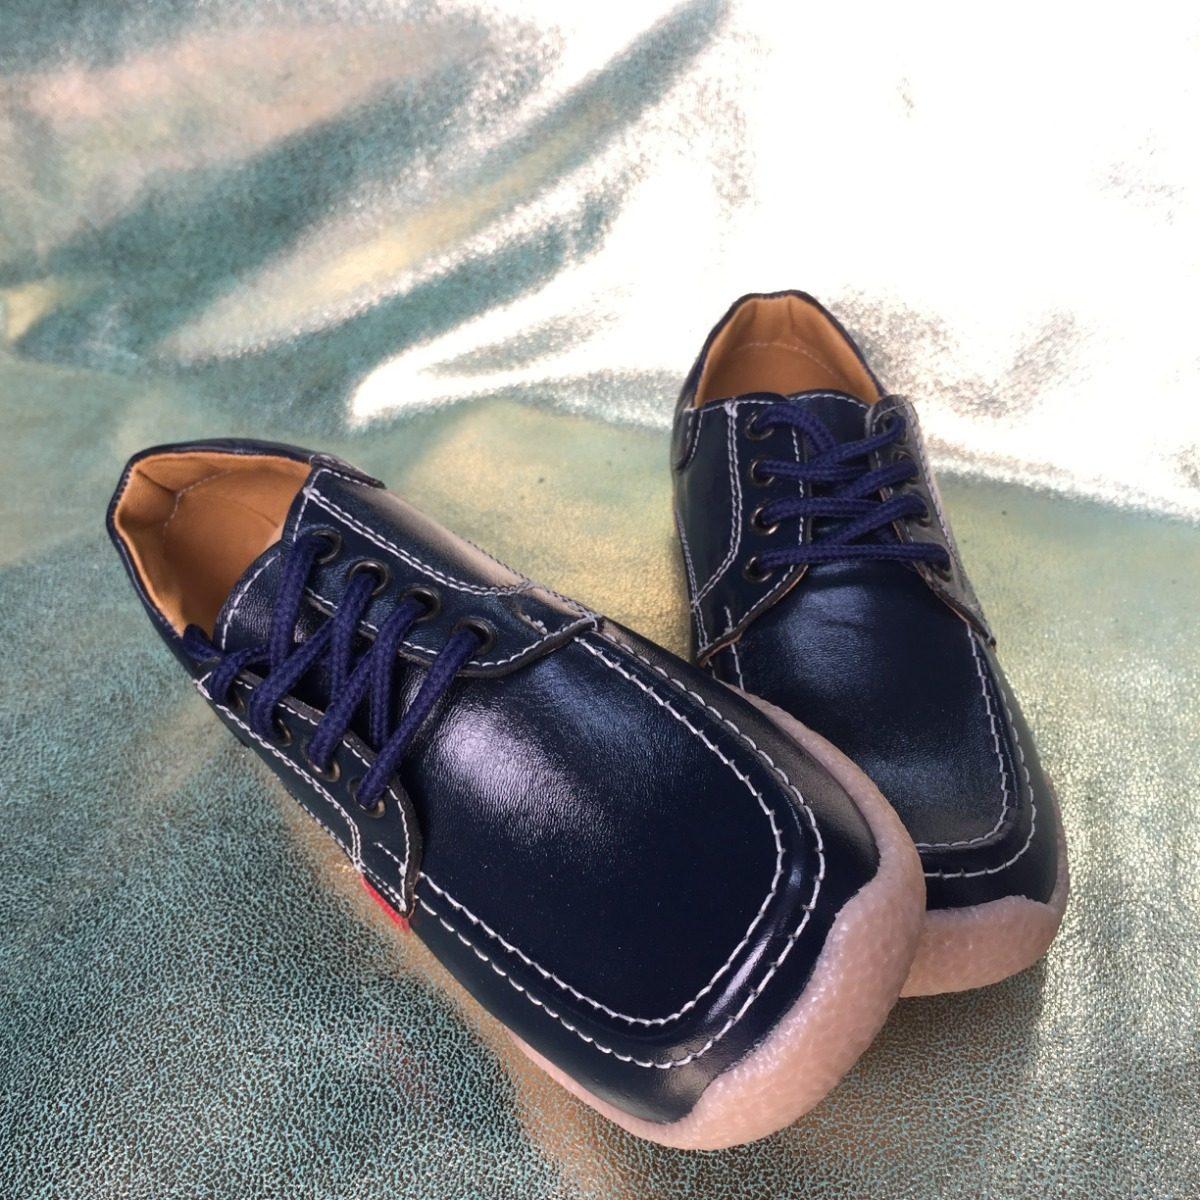 332ed462a86 zapato colegial goma joven cuero envio gratis - uriotshop. Cargando zoom.